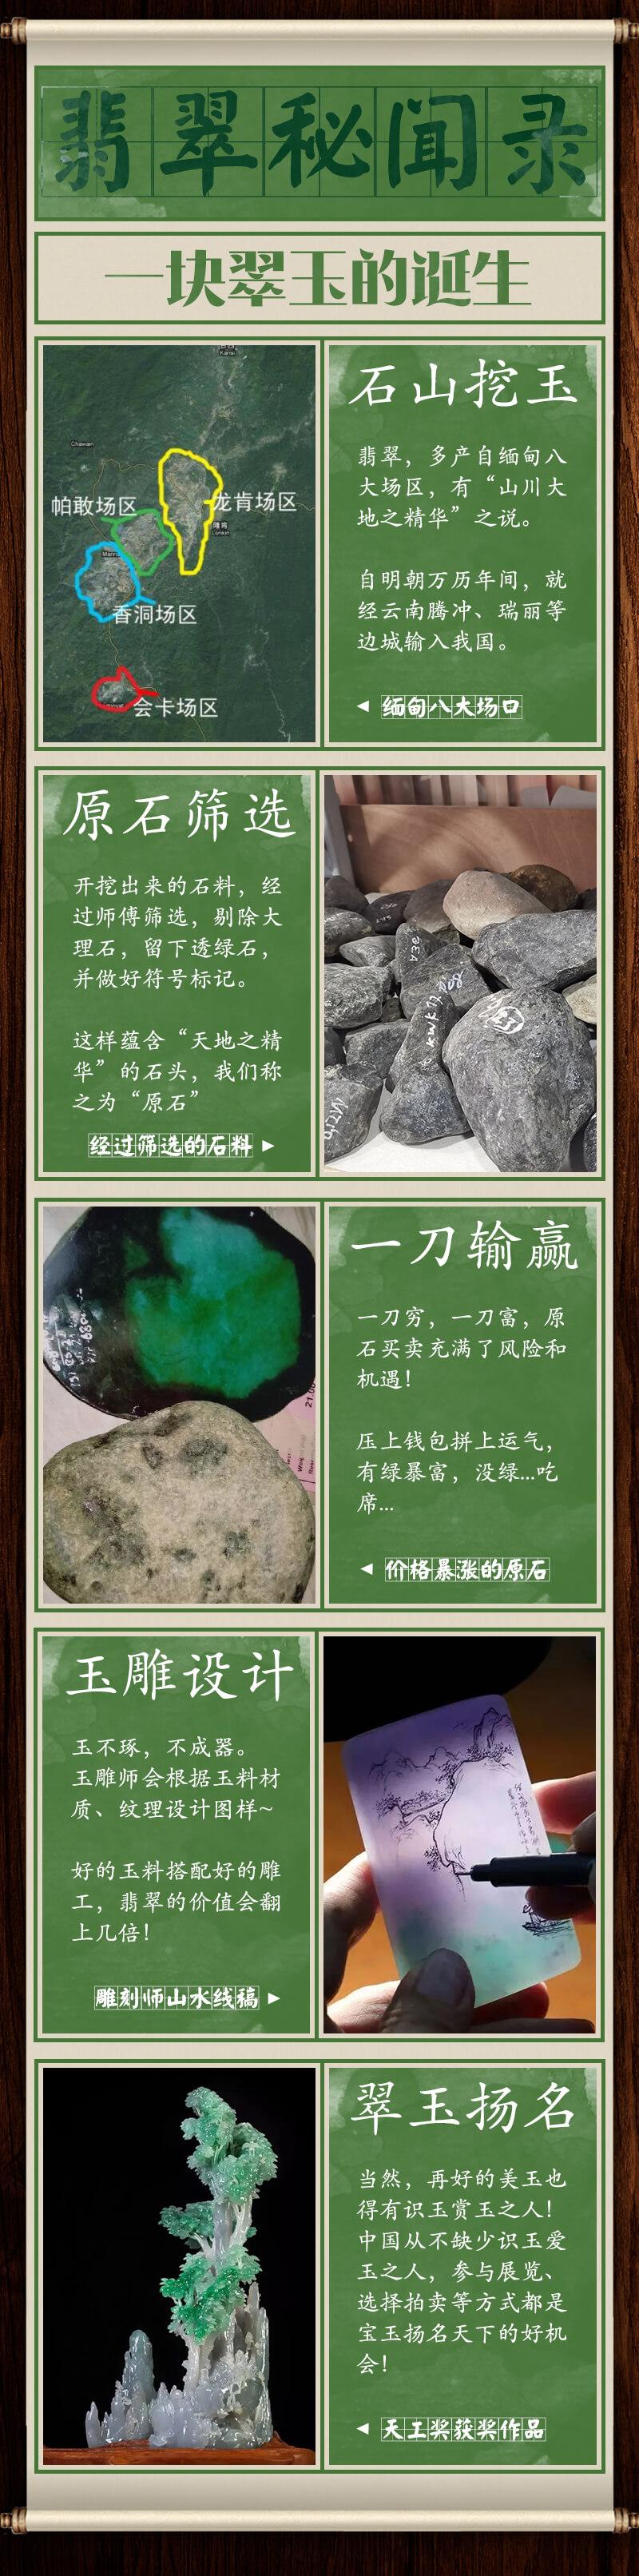 国翠!石头的艺术!